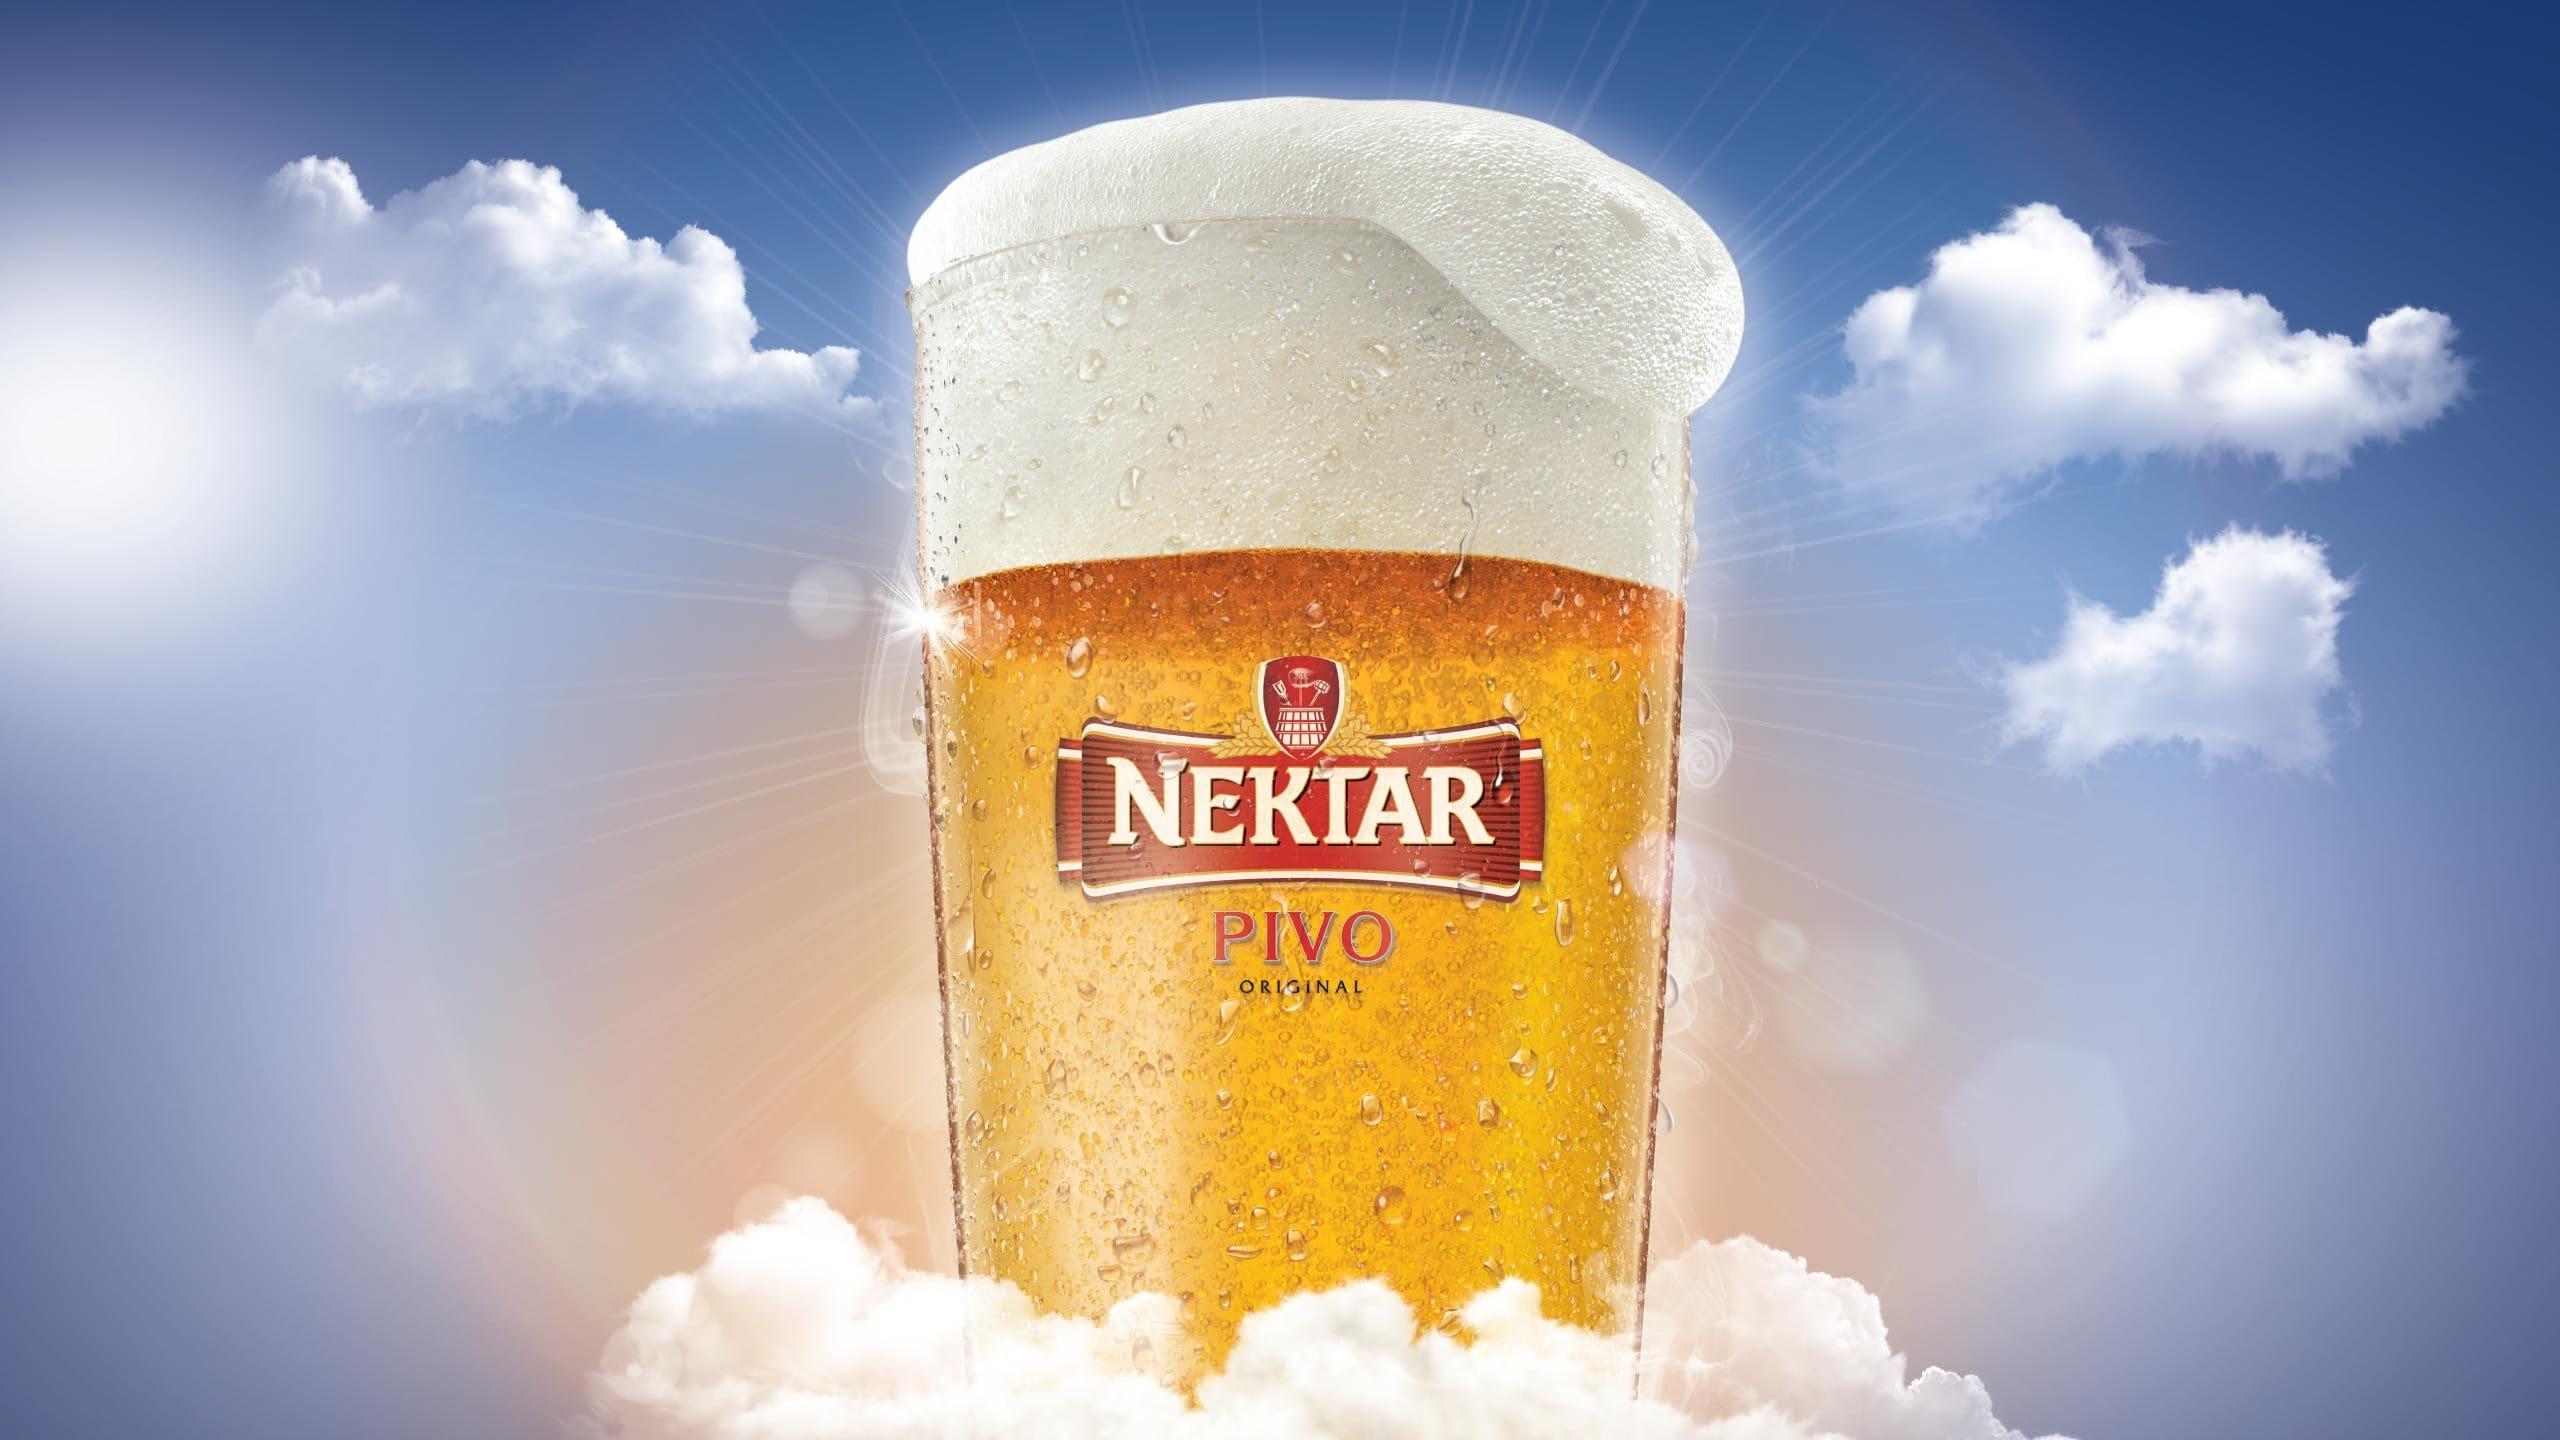 Nektar pivo | Agencija AQUARIUS | Banja Luka